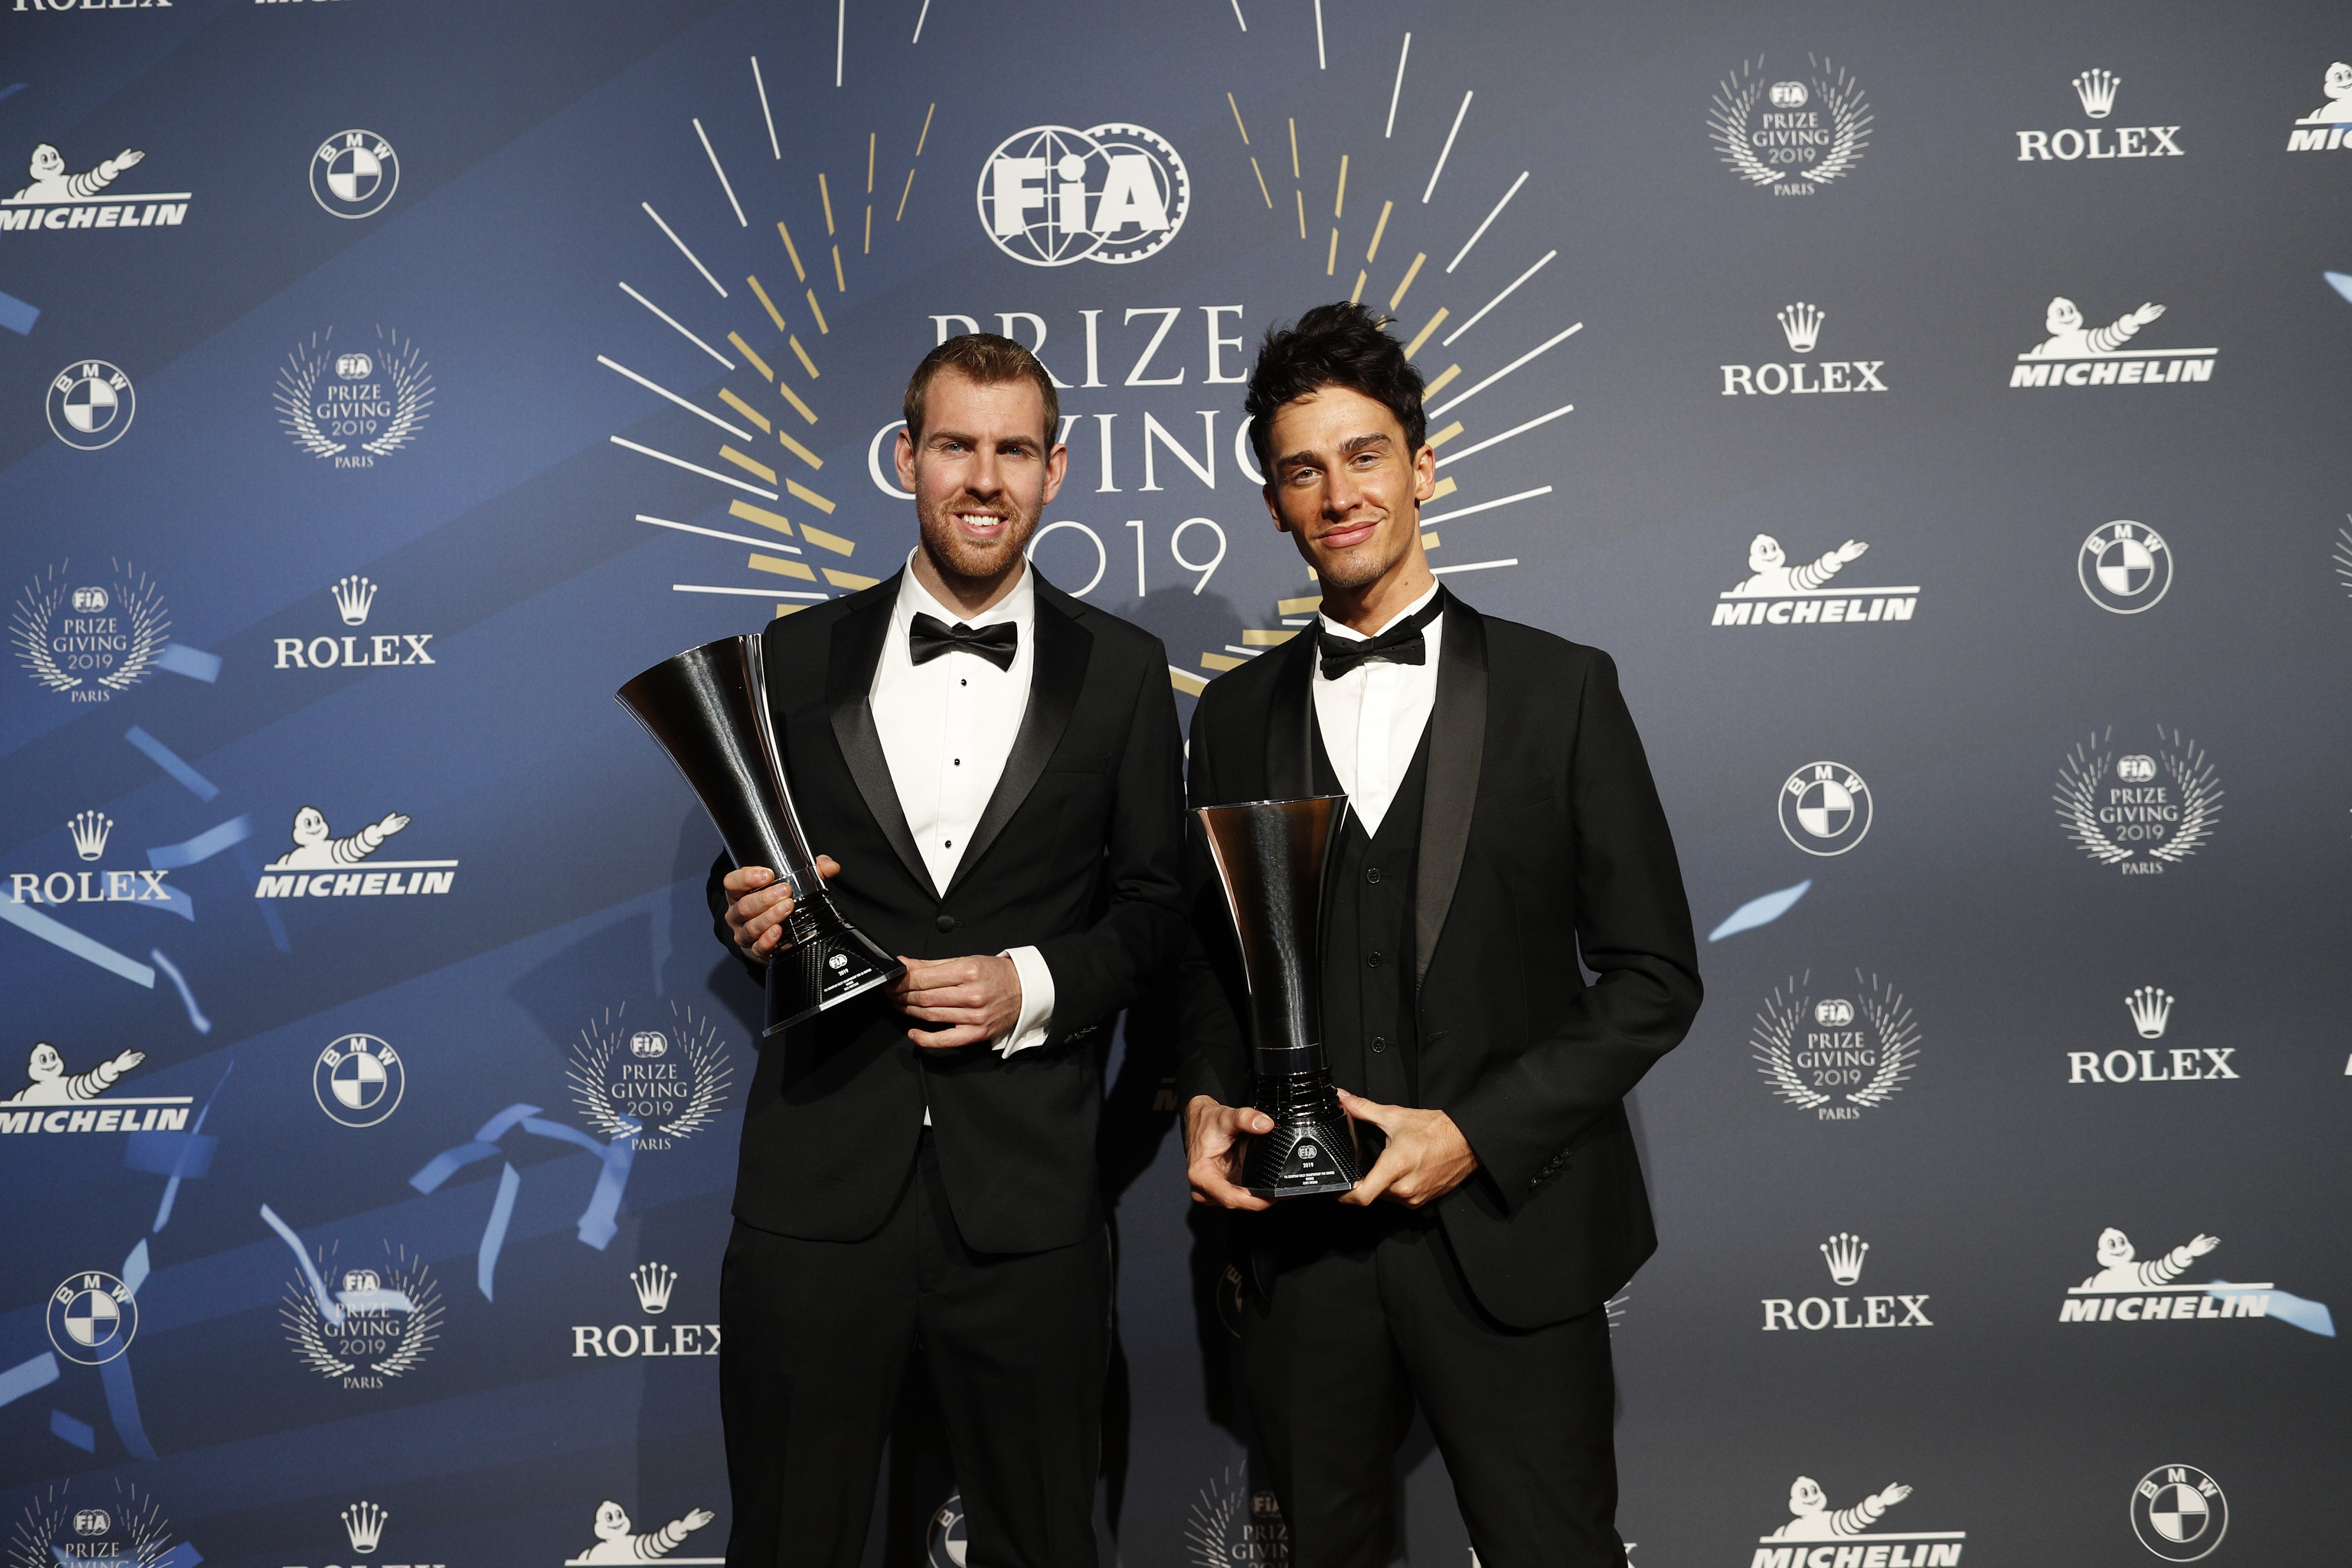 Ingram et Whittock officiellement couronnés champions FIA ERC à Paris aux côtés de Lewis Hamilton